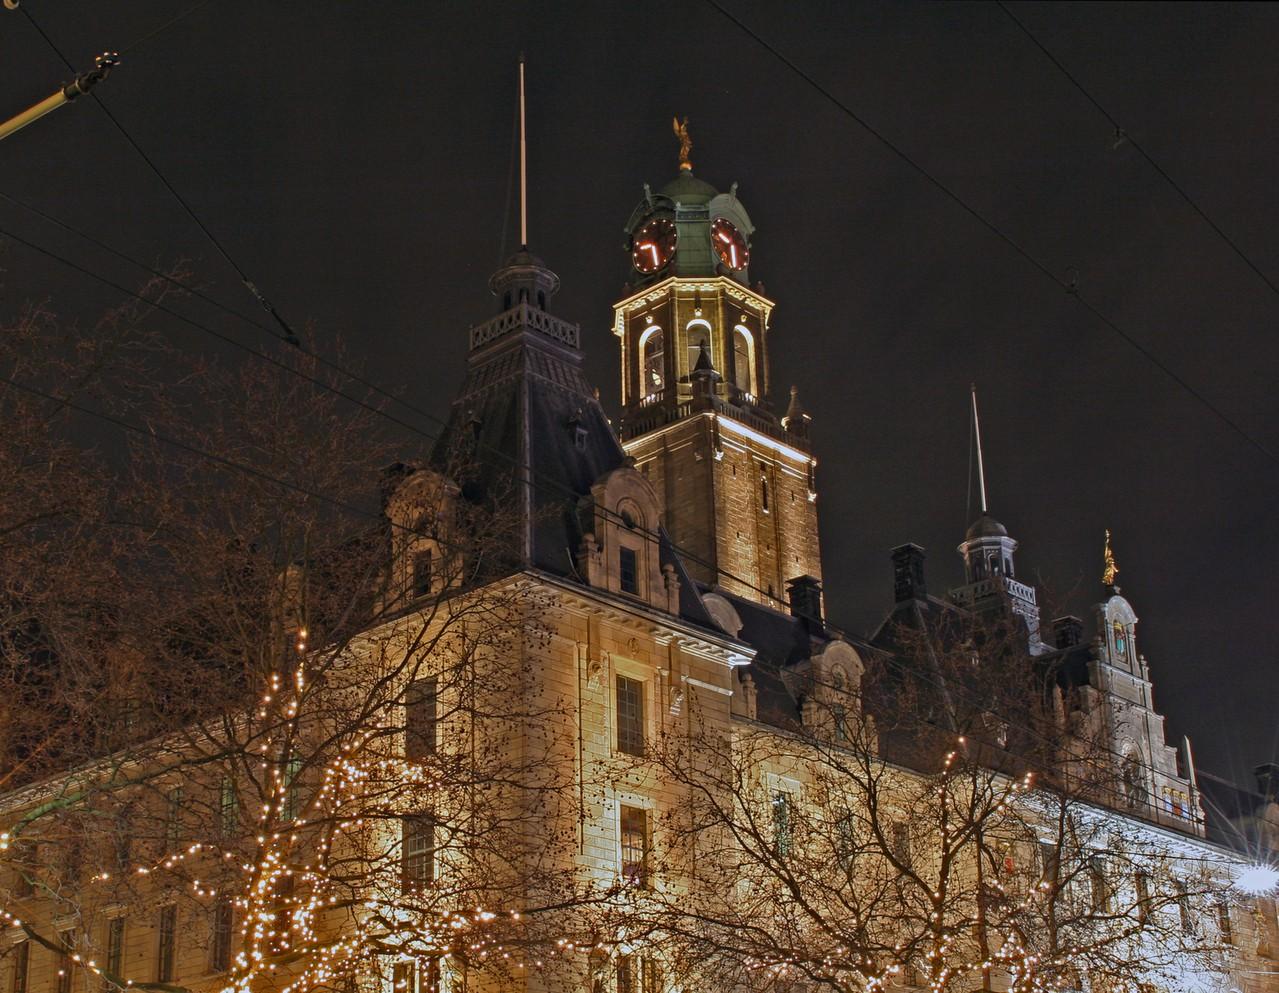 Zamki, kościoły i ratusze, czyli najładniejsze budynki w Polsce